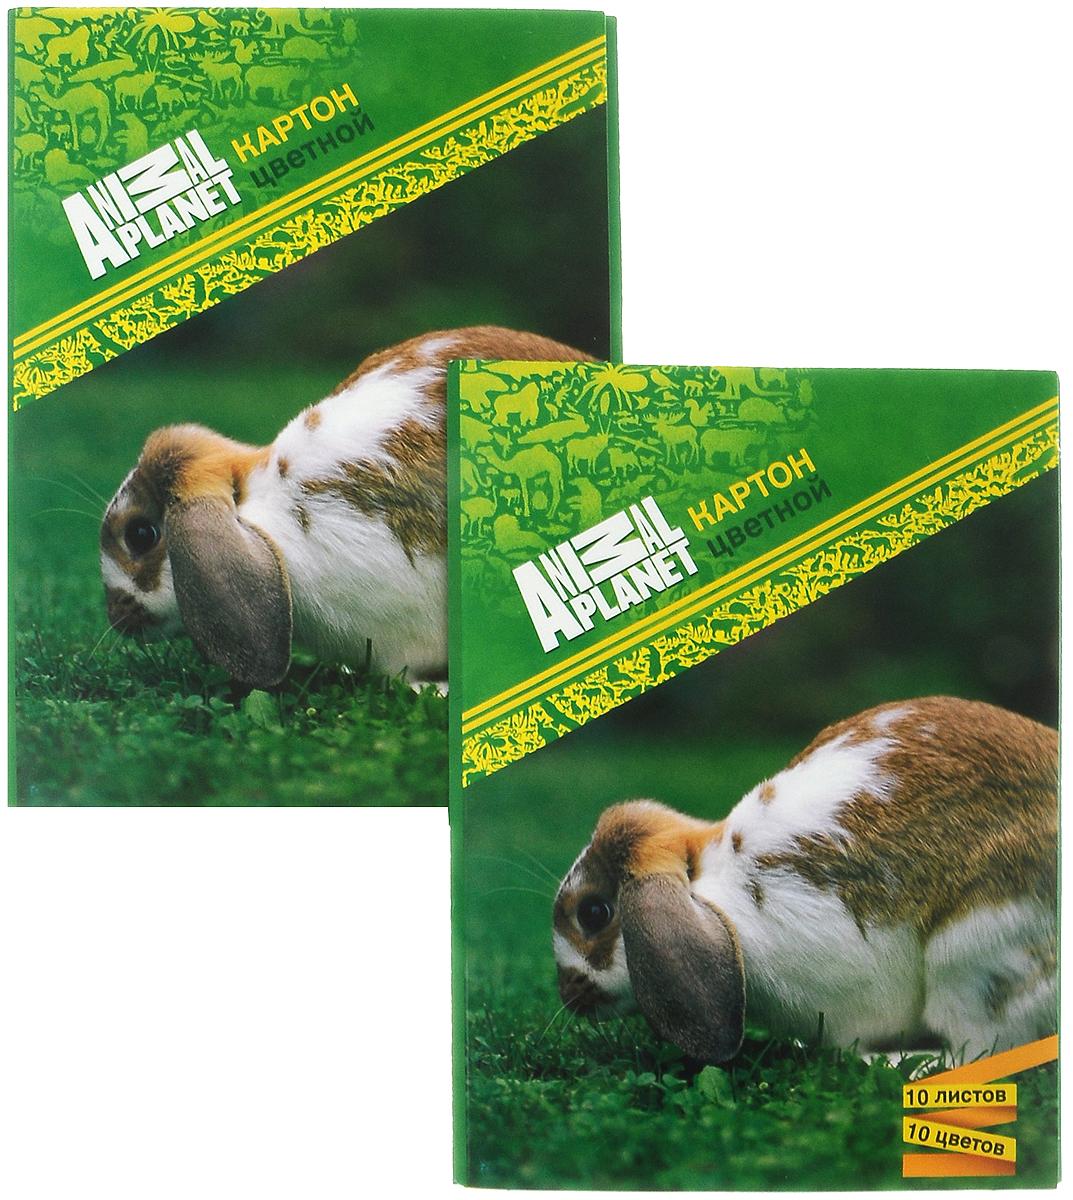 Action! Набор цветной бумаги Кролик мелованная 10 листов 2 штAP-CCP-10/10_кроликНабор цветной бумаги Action! Animal Planet позволит вашему ребенку создавать всевозможные аппликации и поделки. Набор содержит 10листов цветной бумаги формата А4. Листы упакованы в оригинальную картонную папку, оформленную в тематике Animal Planet. Созданиеподелок из картона и бумаги поможет ребенку в развитии творческих способностей, кроме того, это увлекательный досуг.В комплекте 2набора по 10 листов.Рекомендуемый возраст от 6 лет.